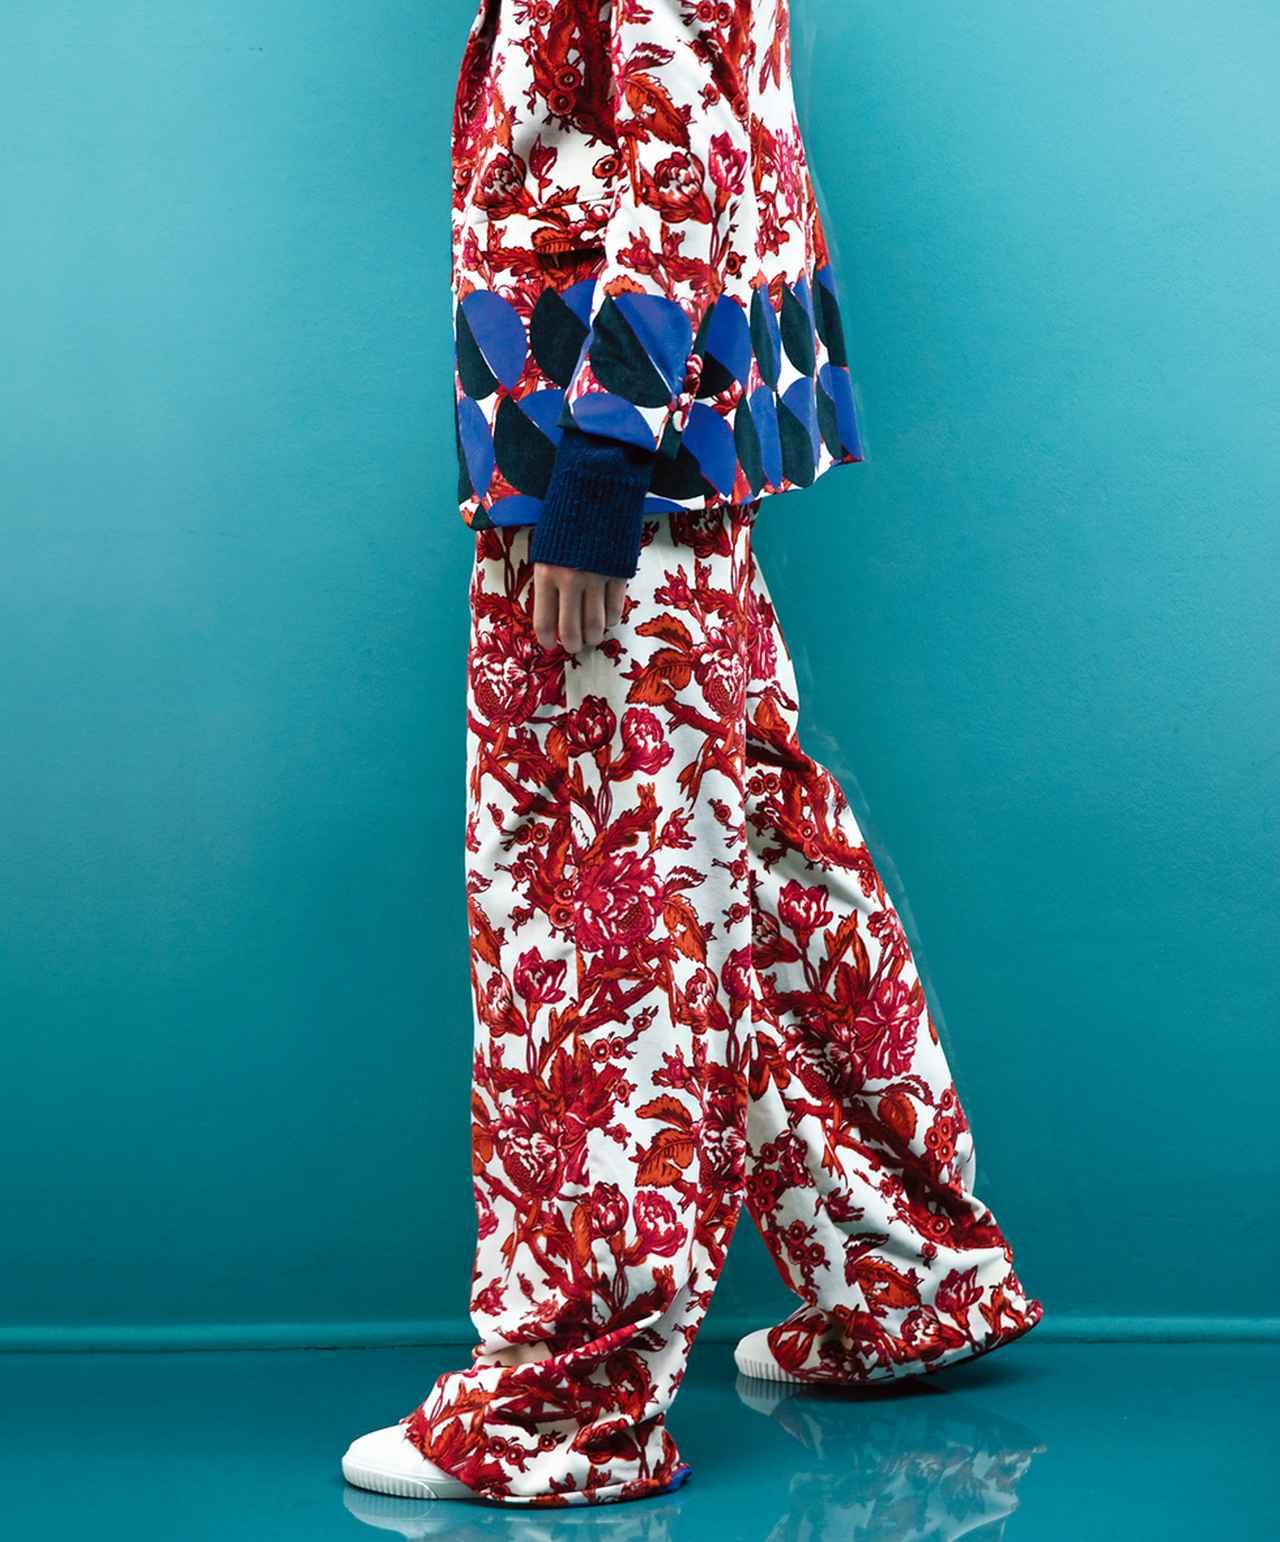 Images : 4番目の画像 - 「アントワープ郊外の庭に ドリス・ヴァン・ノッテンを訪ねて <前編>」のアルバム - T JAPAN:The New York Times Style Magazine 公式サイト